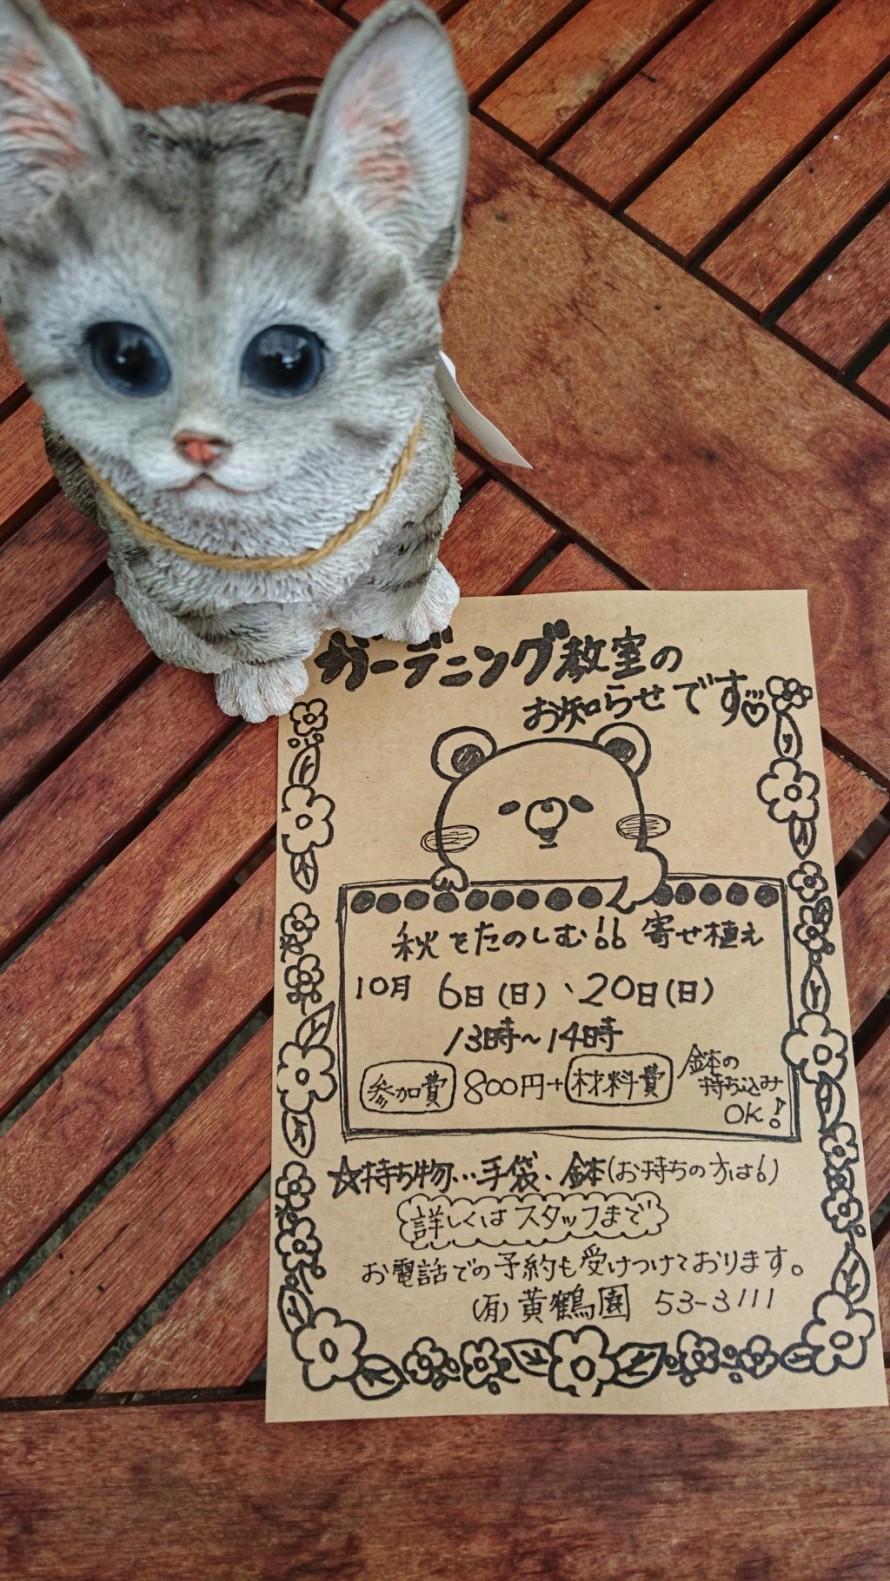 10月ガーデニング教室。寄せ植え。飯田市でお庭の事なら何でもお気軽にご相談。